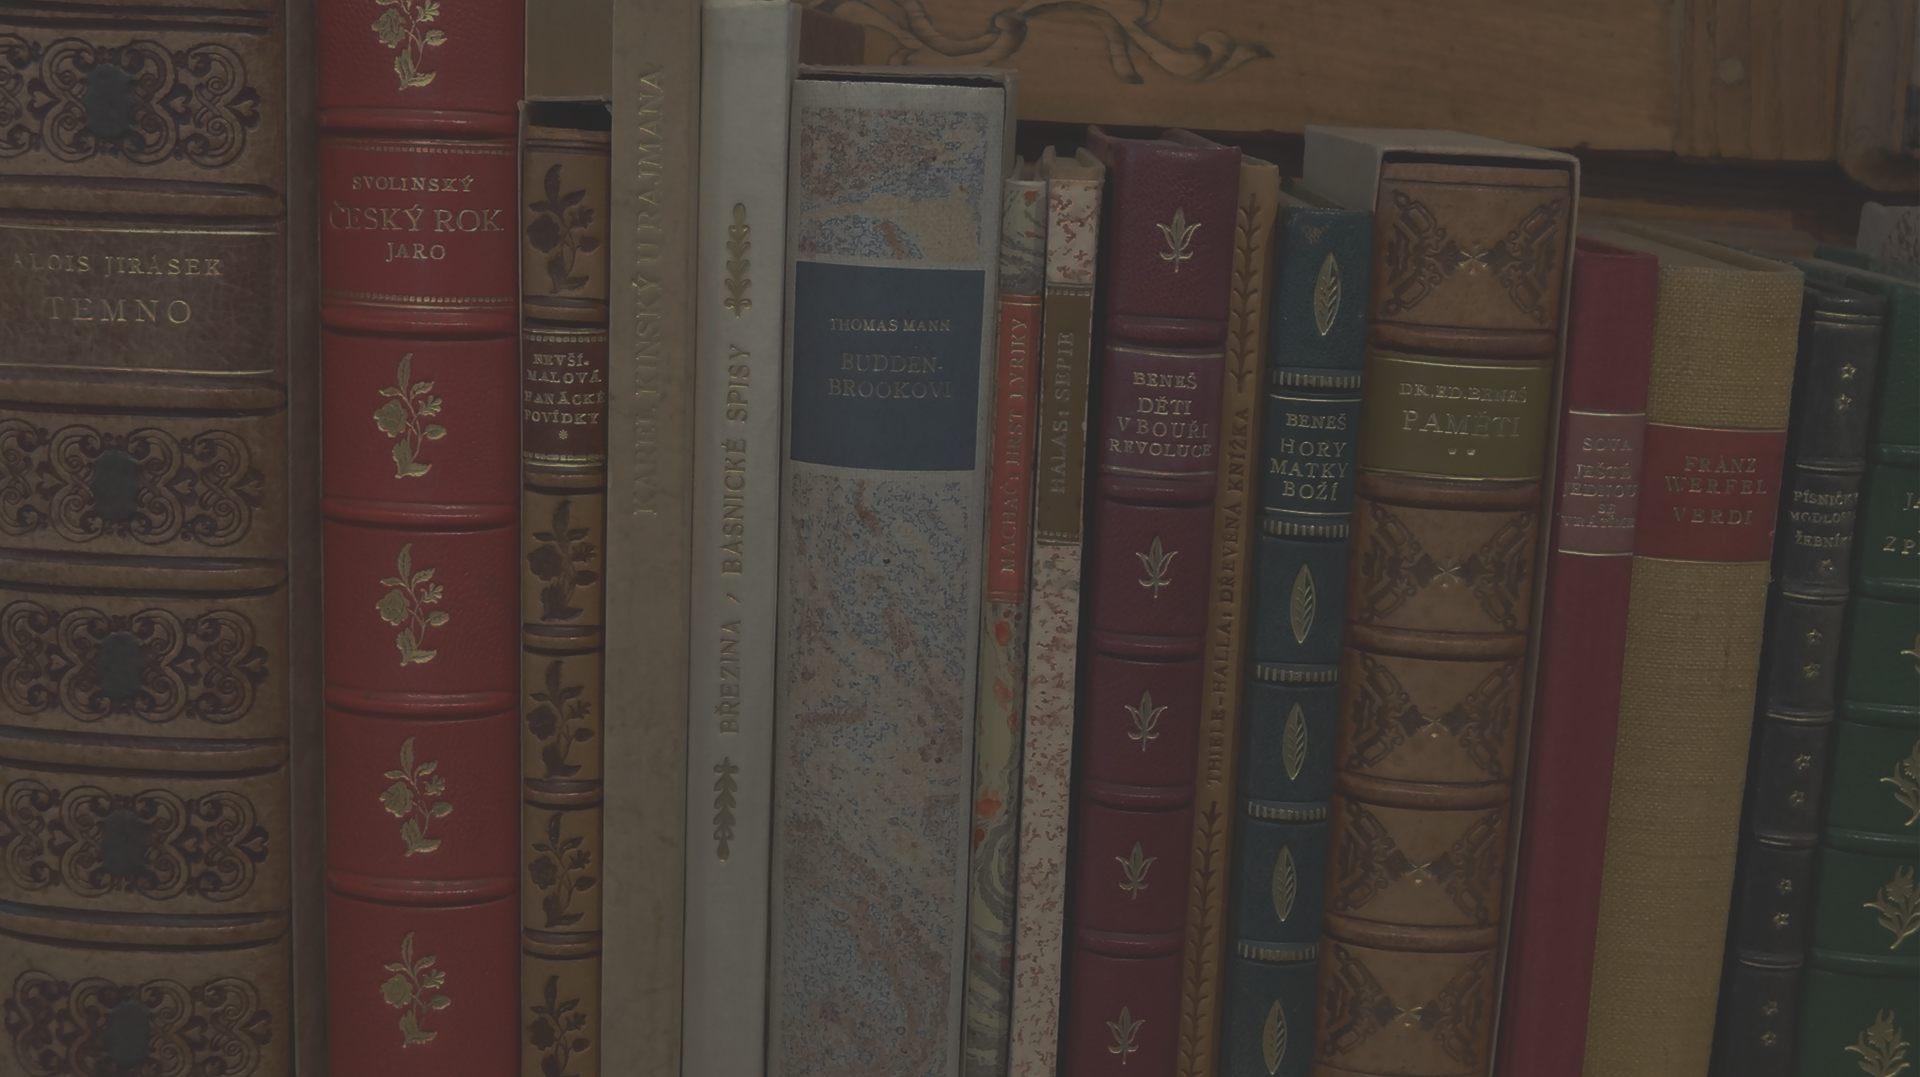 Zdobené knižní hřbety - umělecká knižní vazba